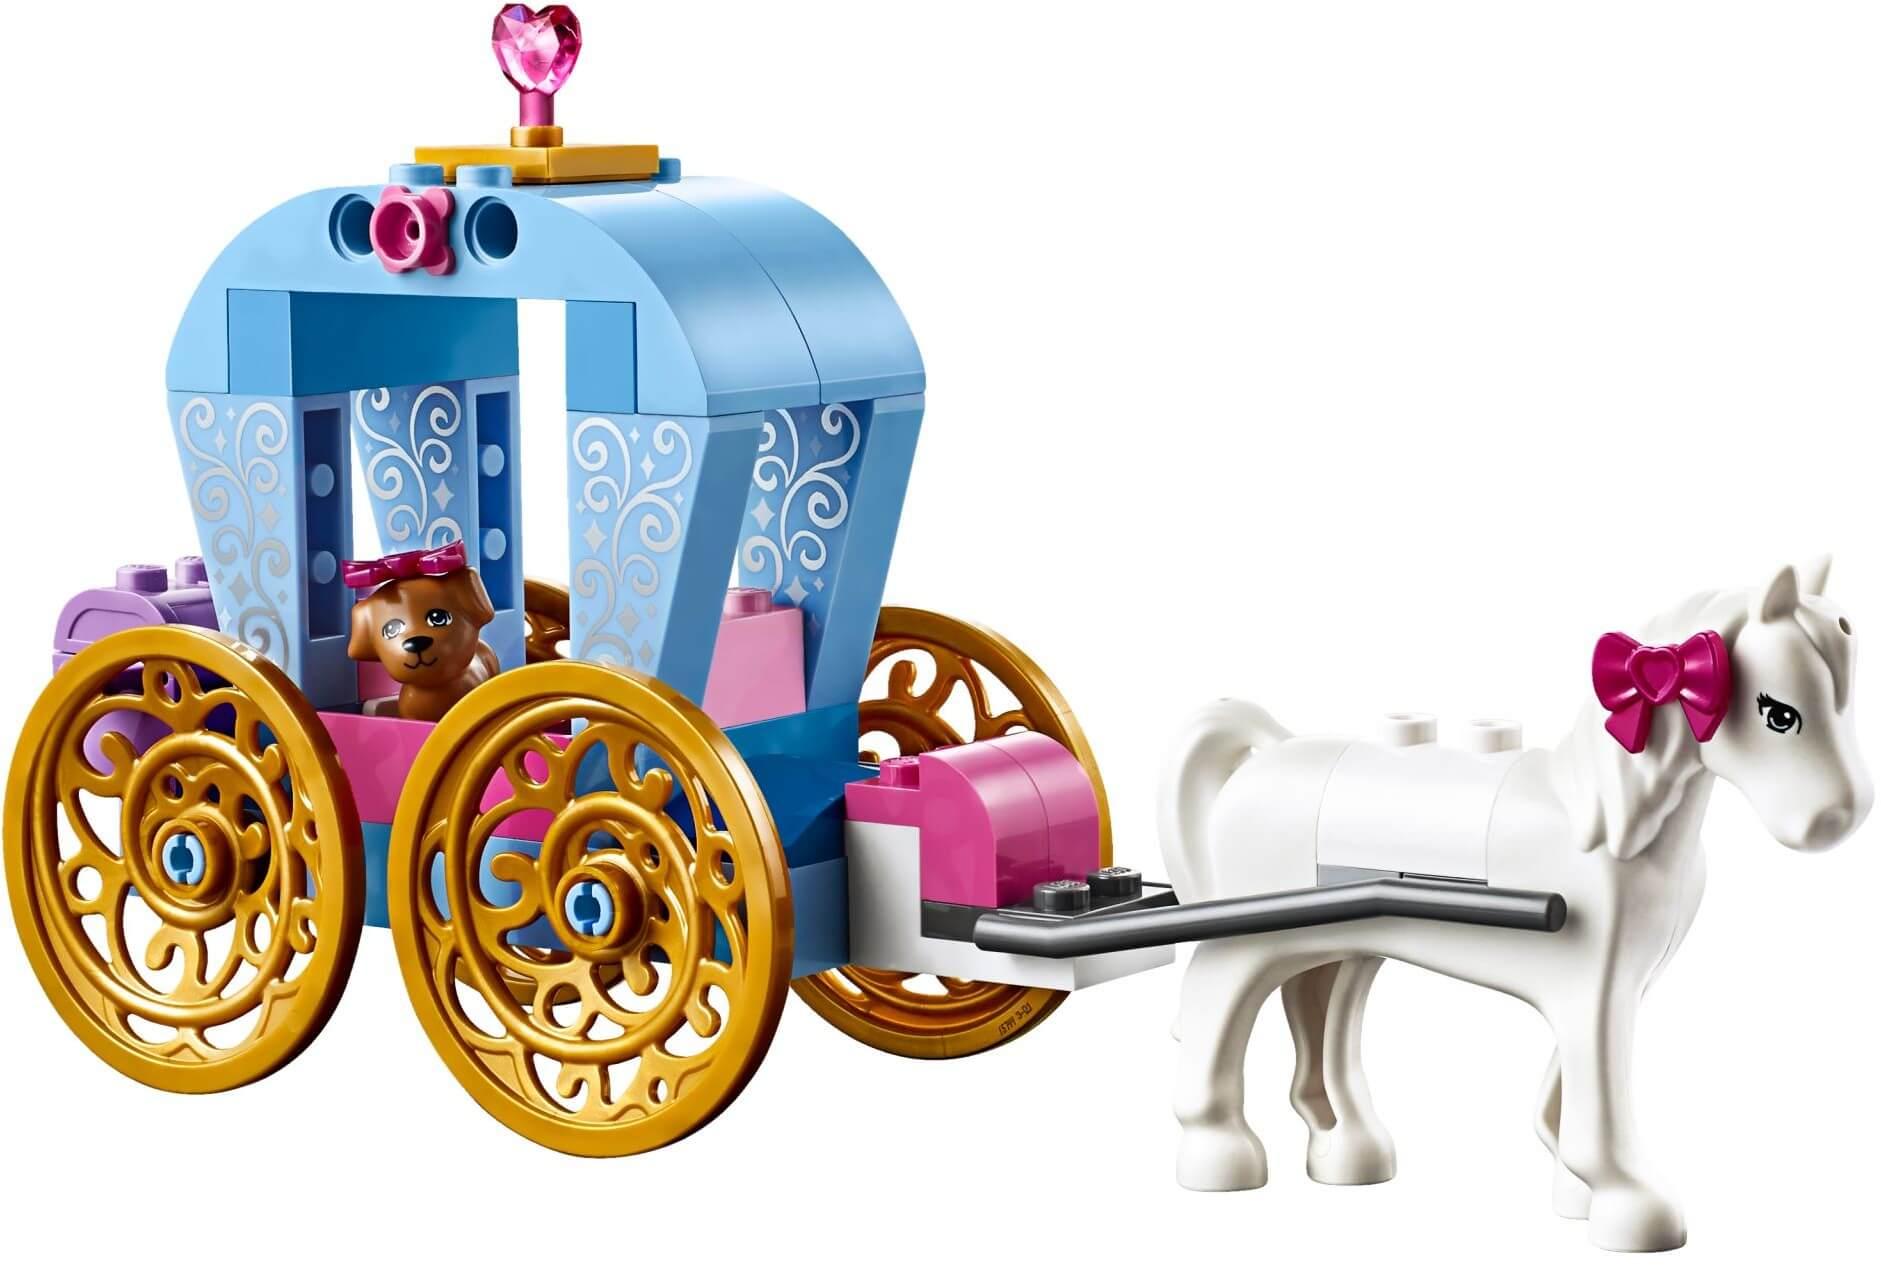 Mua đồ chơi LEGO 10729 - LEGO Juniors 10729 - Cỗ Xe Ngựa của Cinderella (LEGO Juniors Cinderella's Carriage 10729)